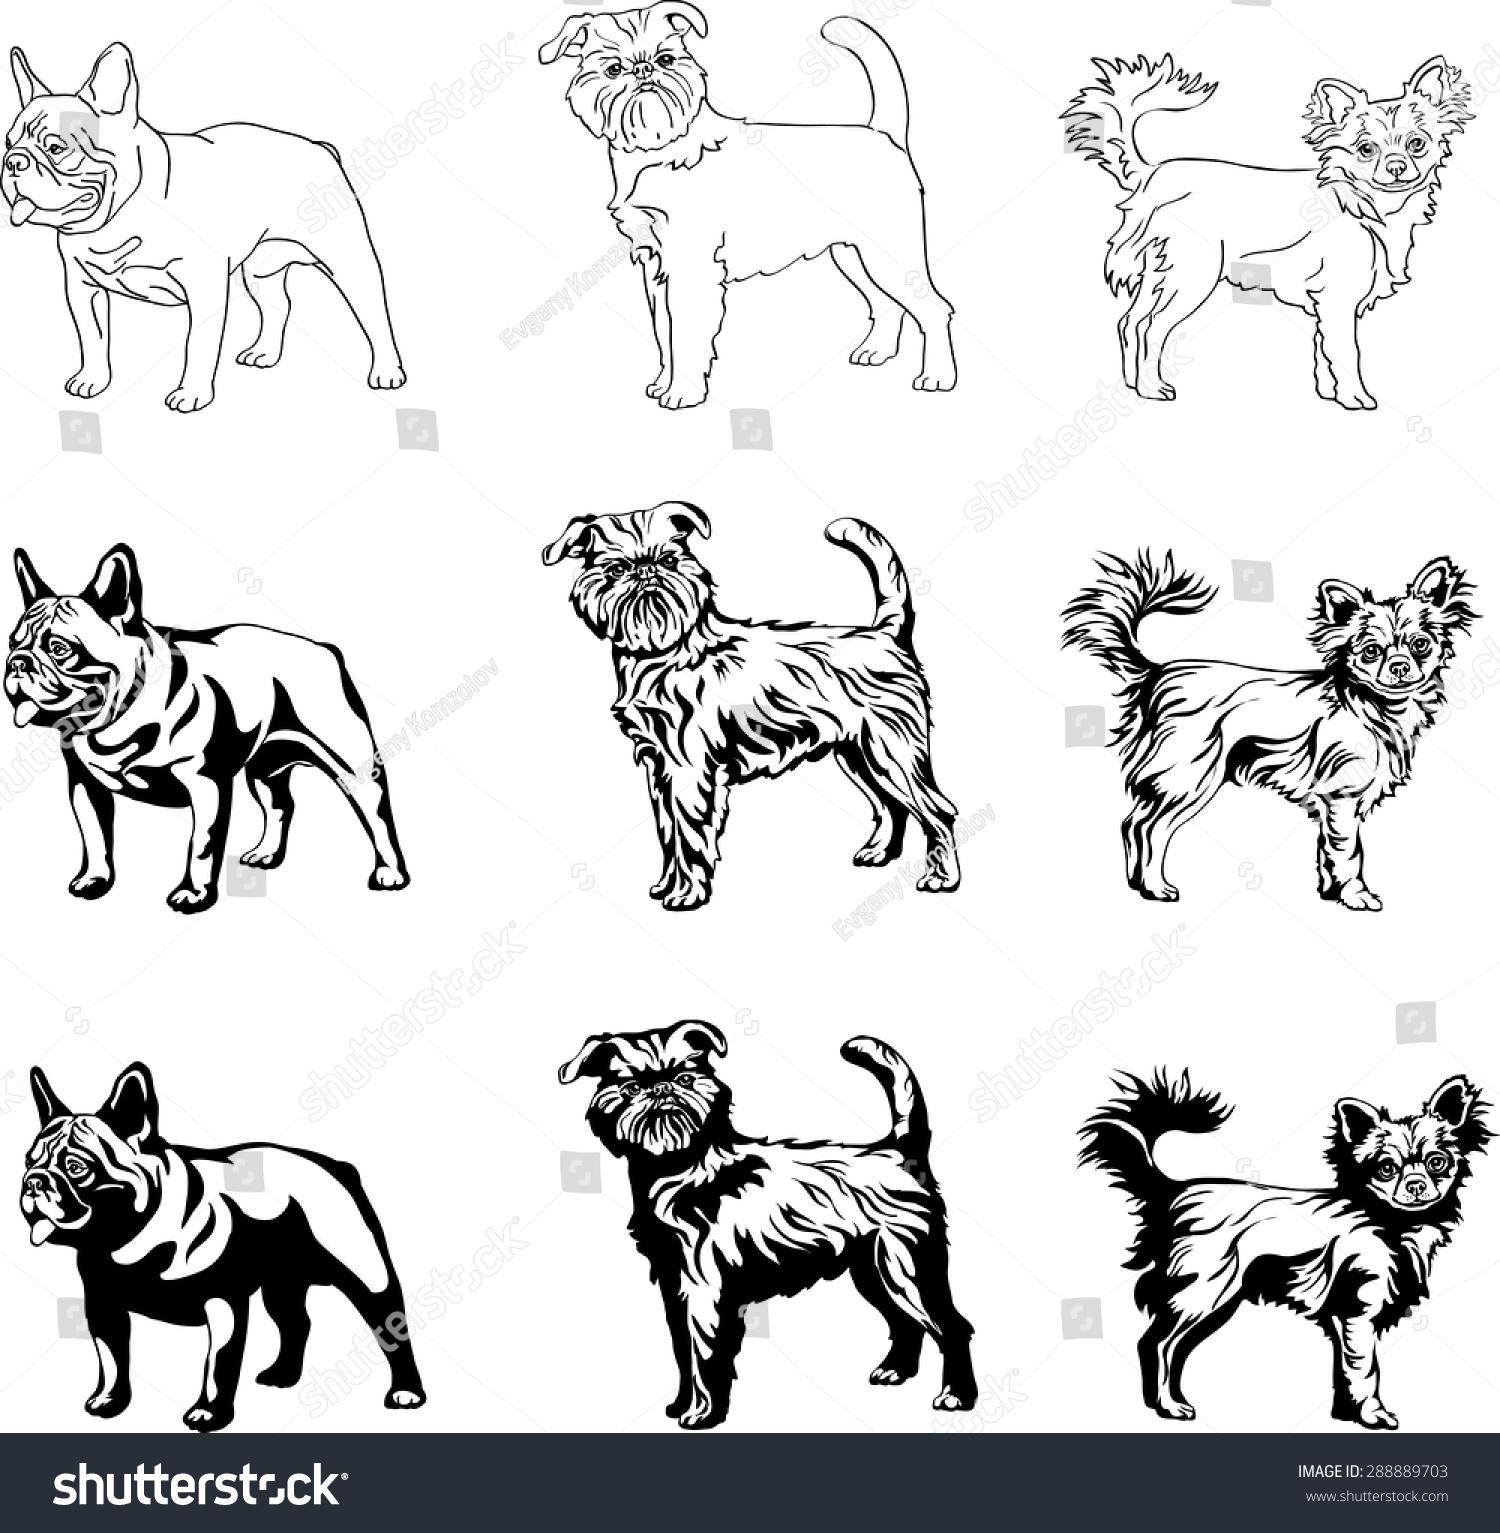 Dogs English Bulldog Brussels Griffon Chihuahua Stock-Vektorgrafik ...